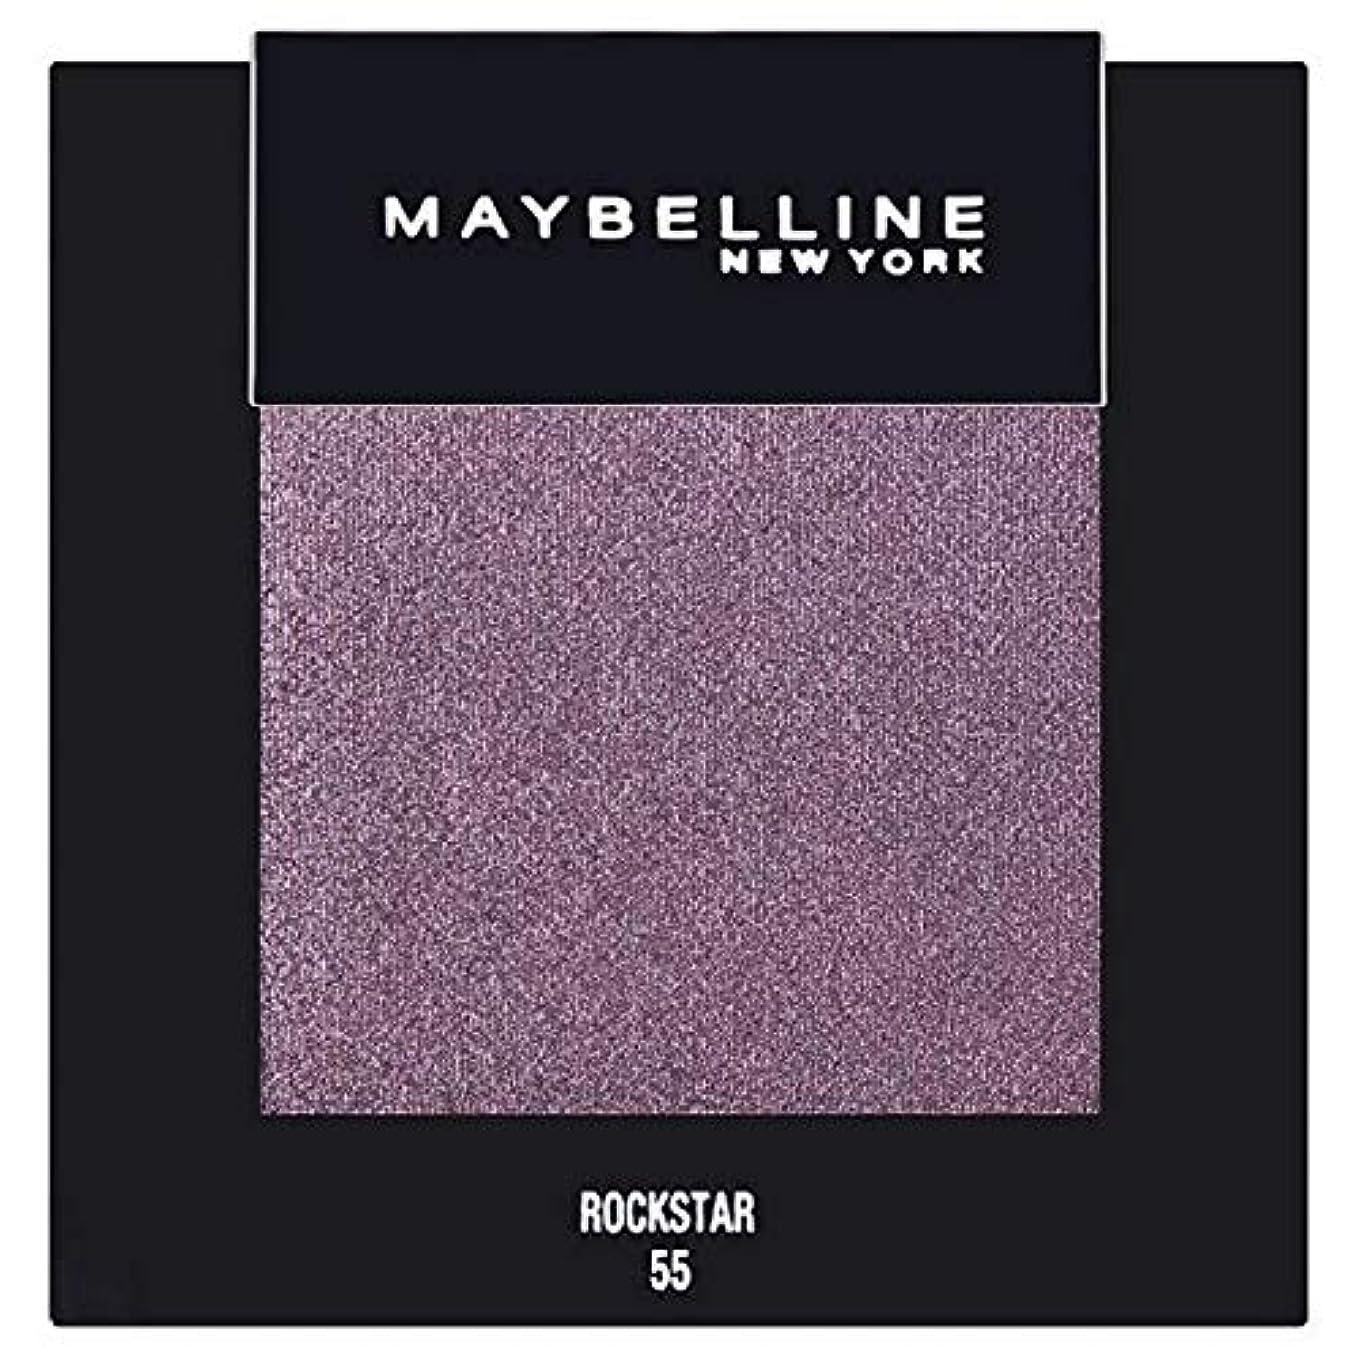 ジャニスお願いします回転させる[Maybelline ] メイベリンカラーショーシングルアイシャドウ55ロックスター - Maybelline Color Show Single Eyeshadow 55 Rockstar [並行輸入品]